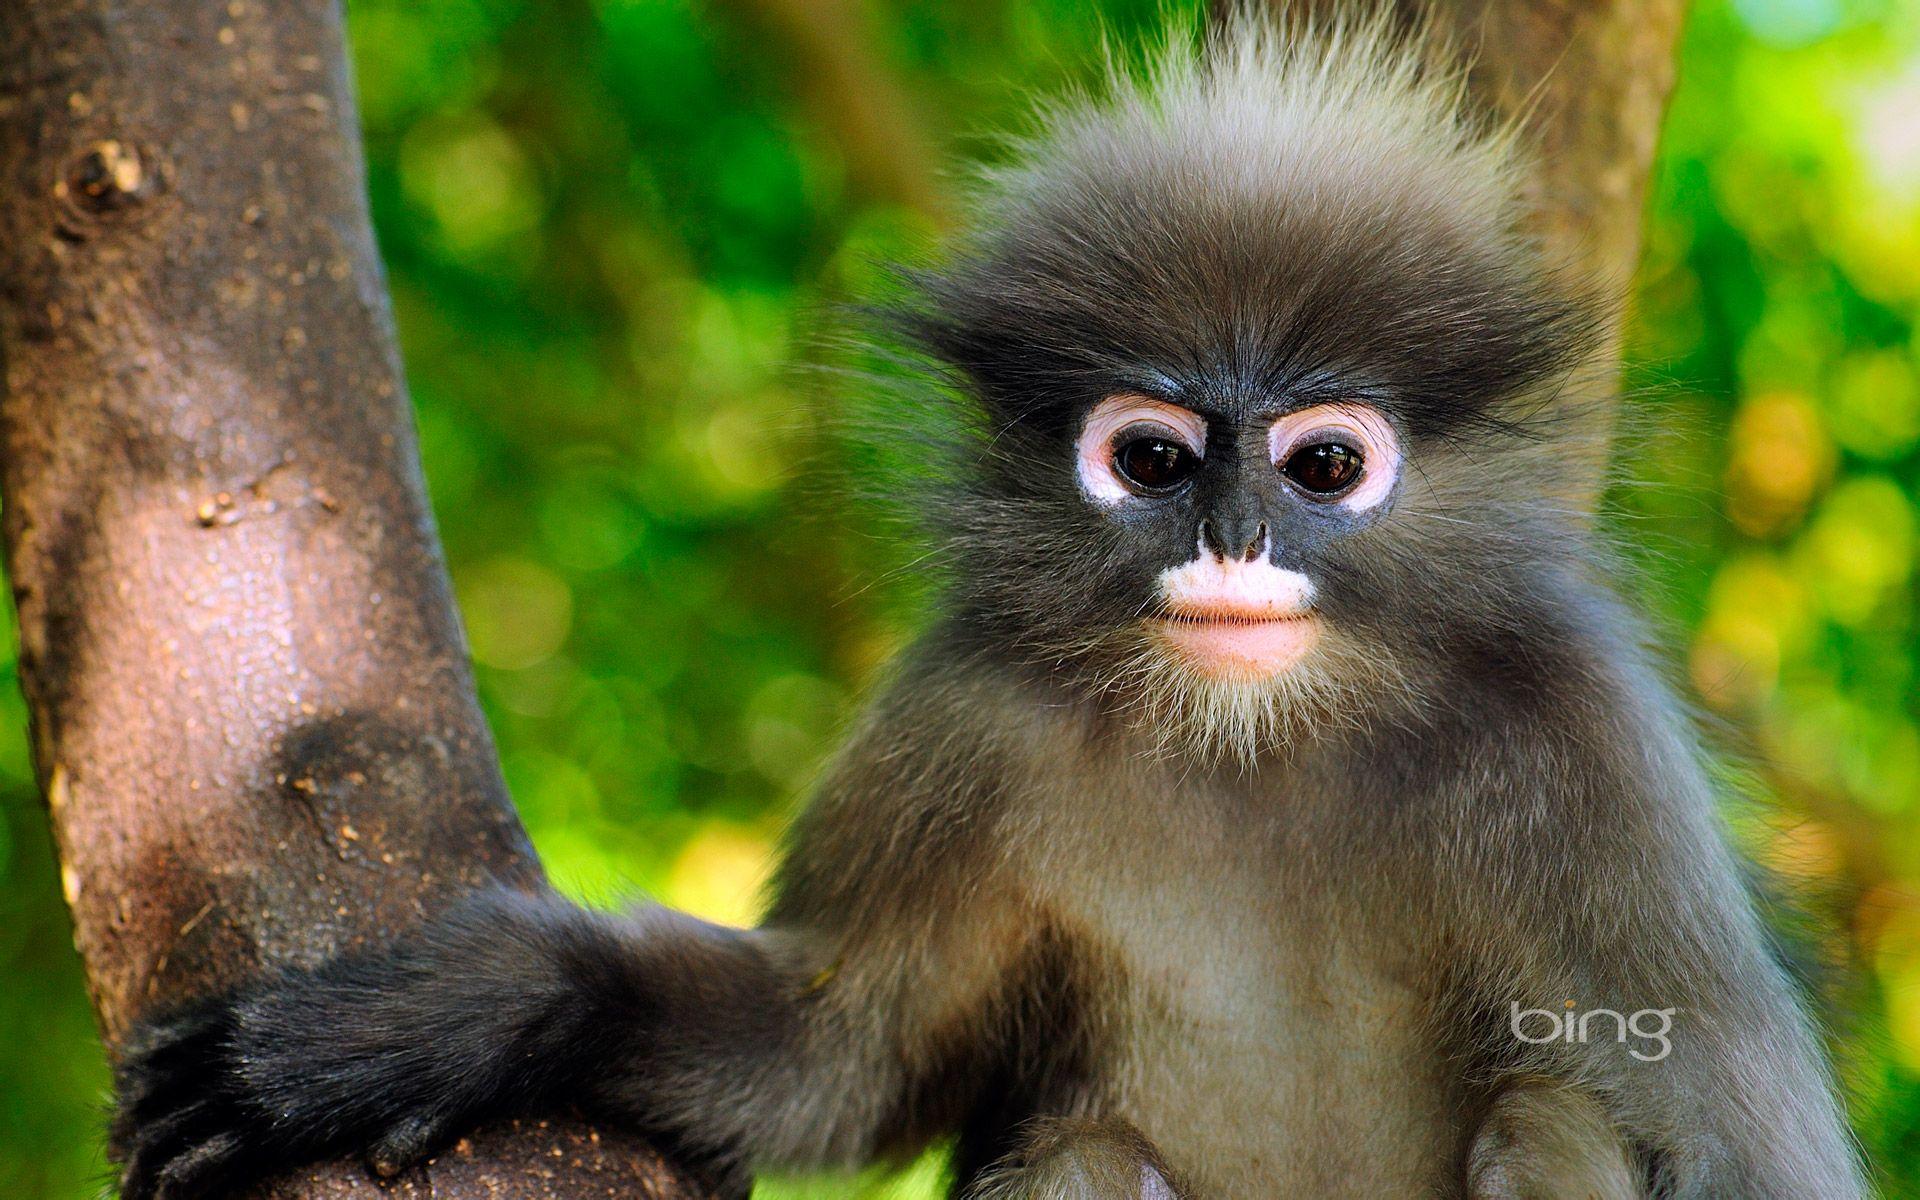 猴子是什么原因_这是什么猴子?